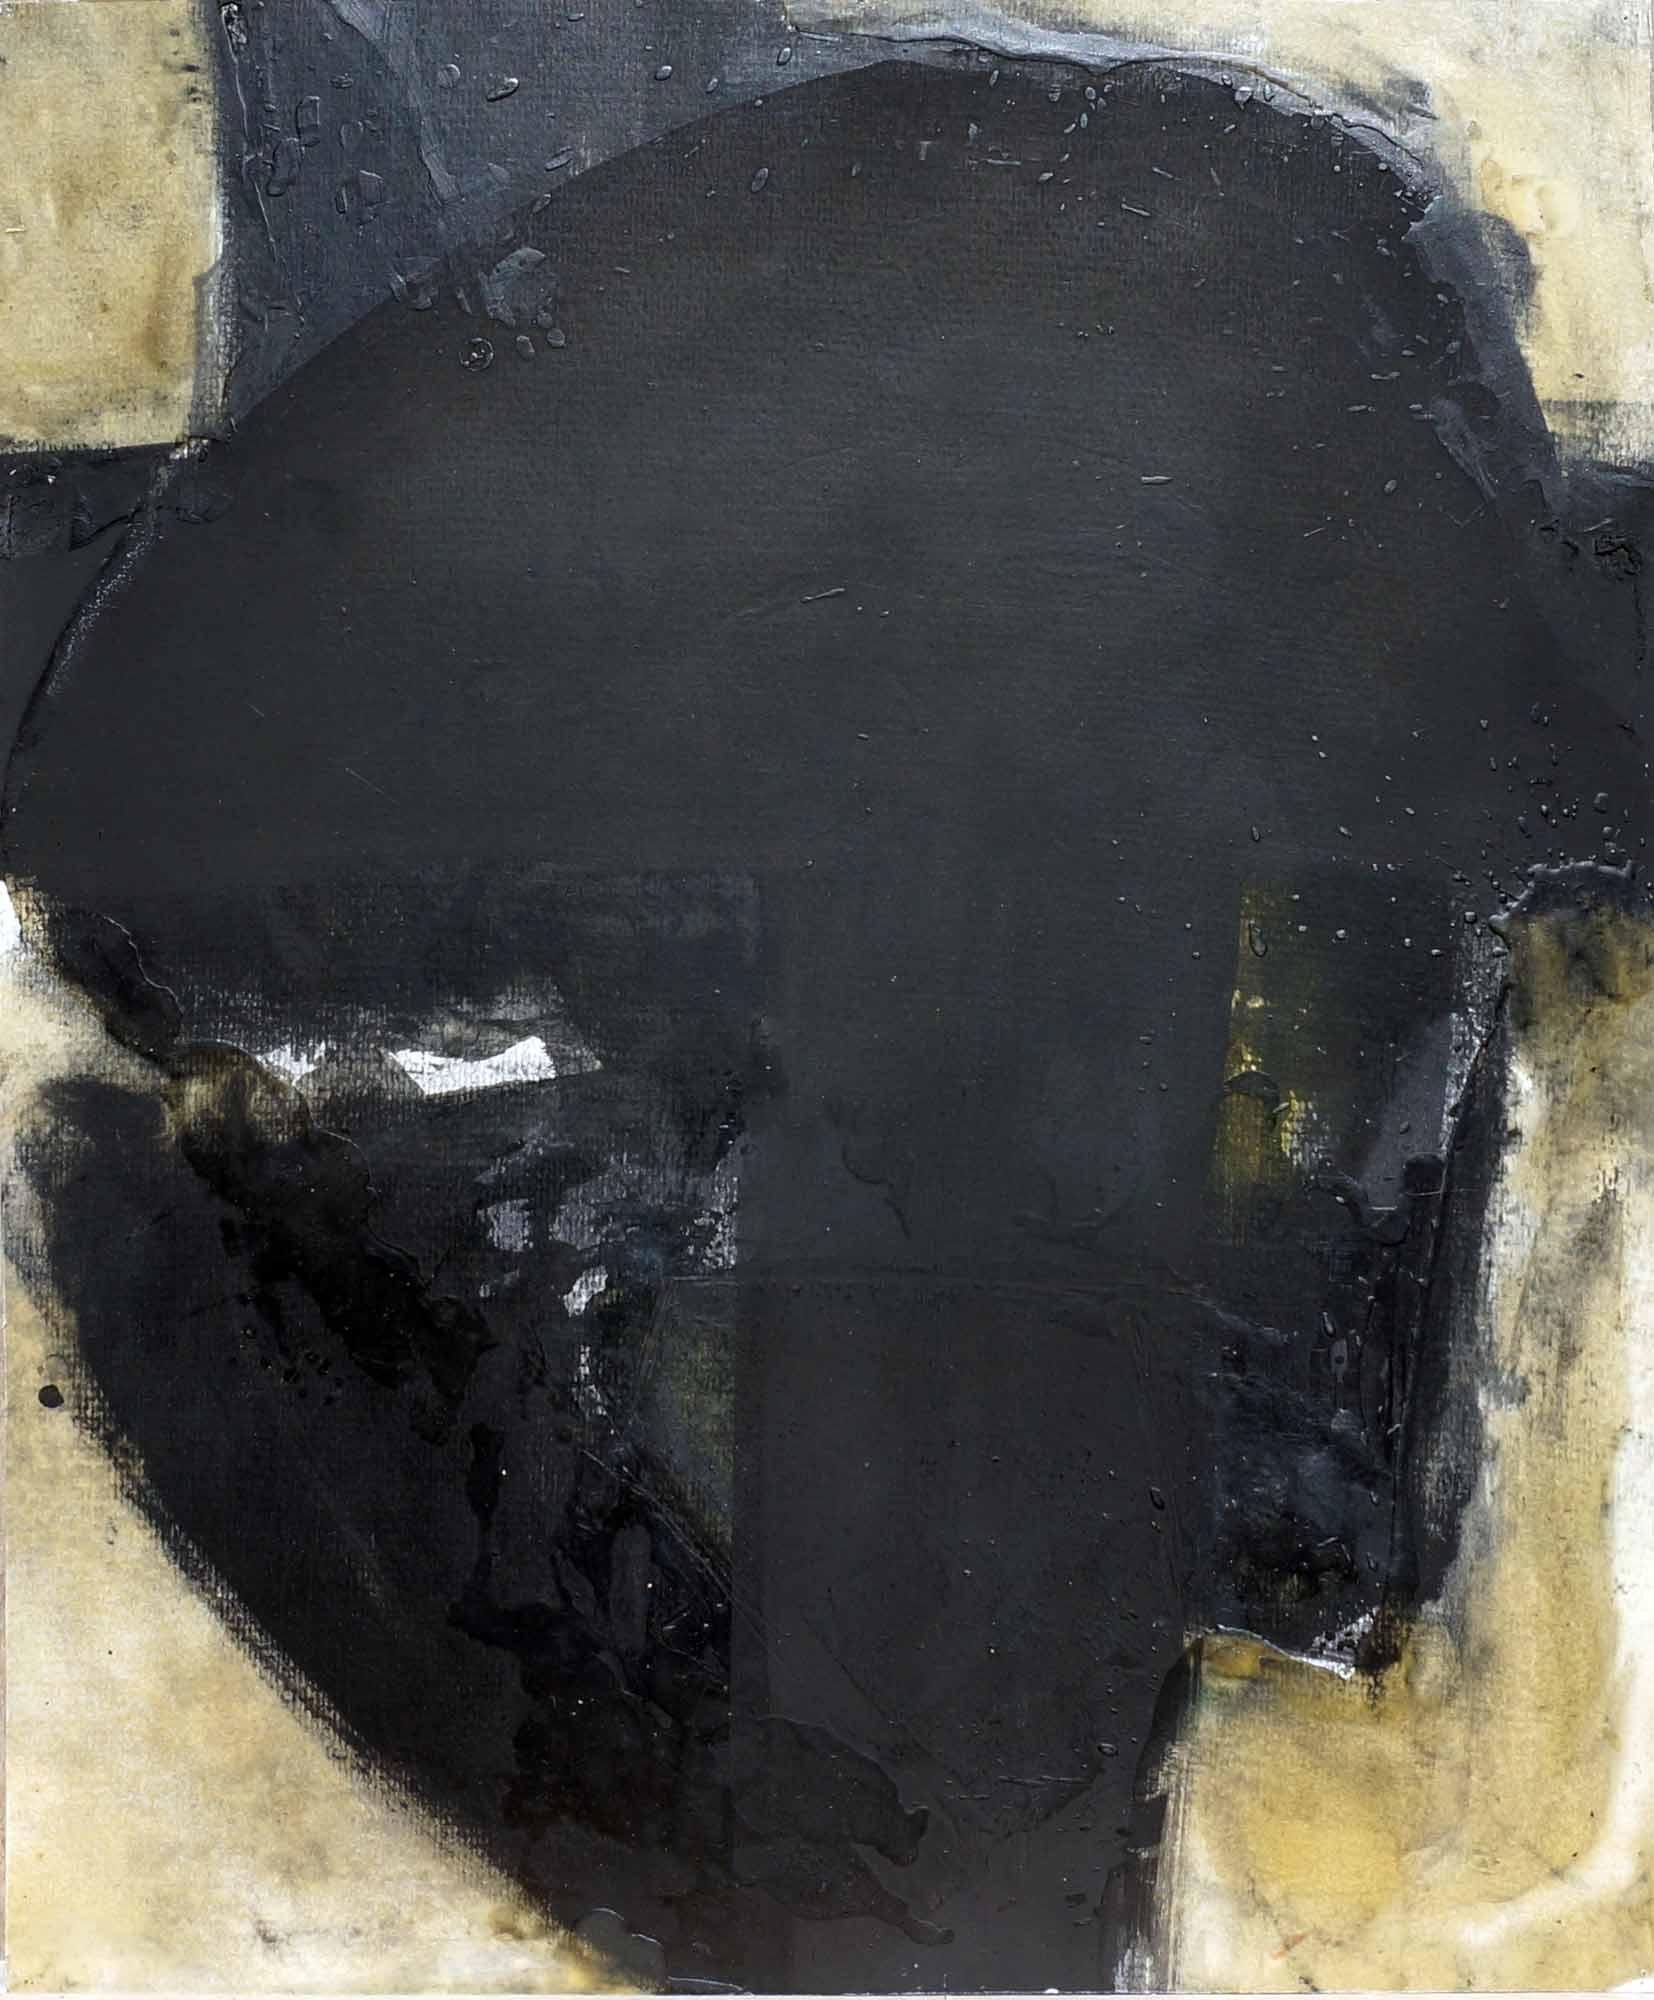 Clef de voute - 1987 – Pigment, cire. 45 x 37 cm. Denis Falgoux.